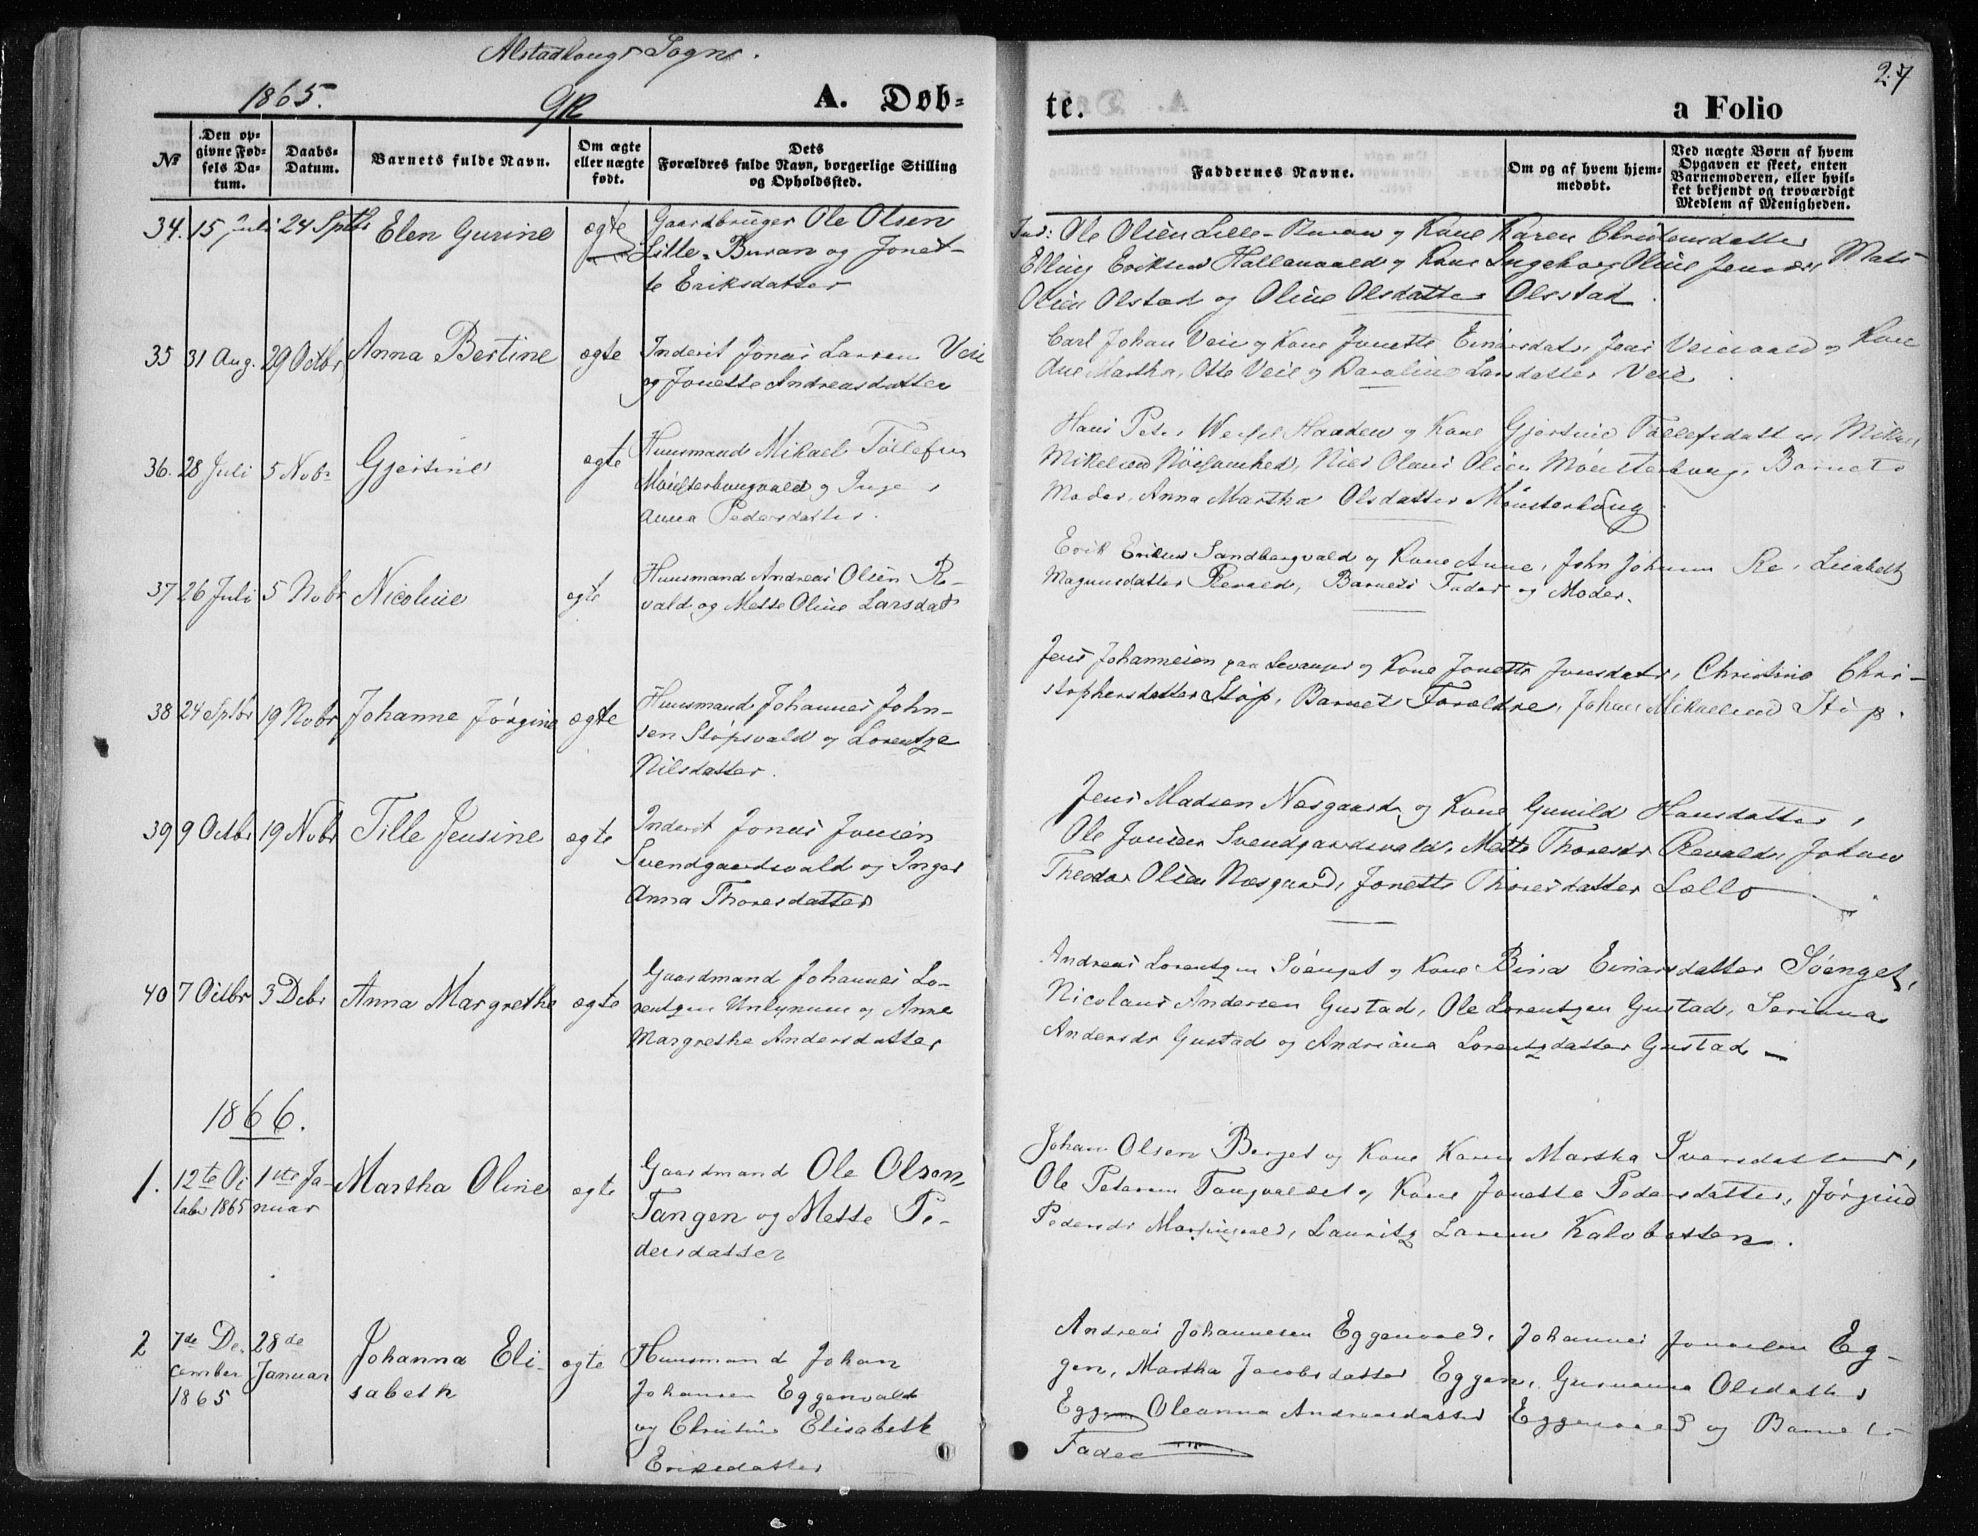 SAT, Ministerialprotokoller, klokkerbøker og fødselsregistre - Nord-Trøndelag, 717/L0157: Ministerialbok nr. 717A08 /1, 1863-1877, s. 27